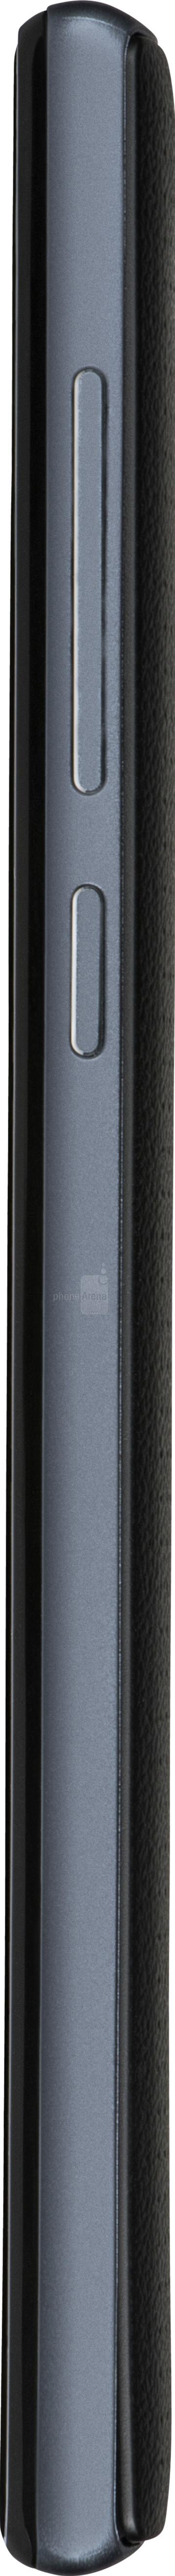 ZTE ZMAX 2 vs ZTE Blade Spark - Visual phone size compare - PhoneArena